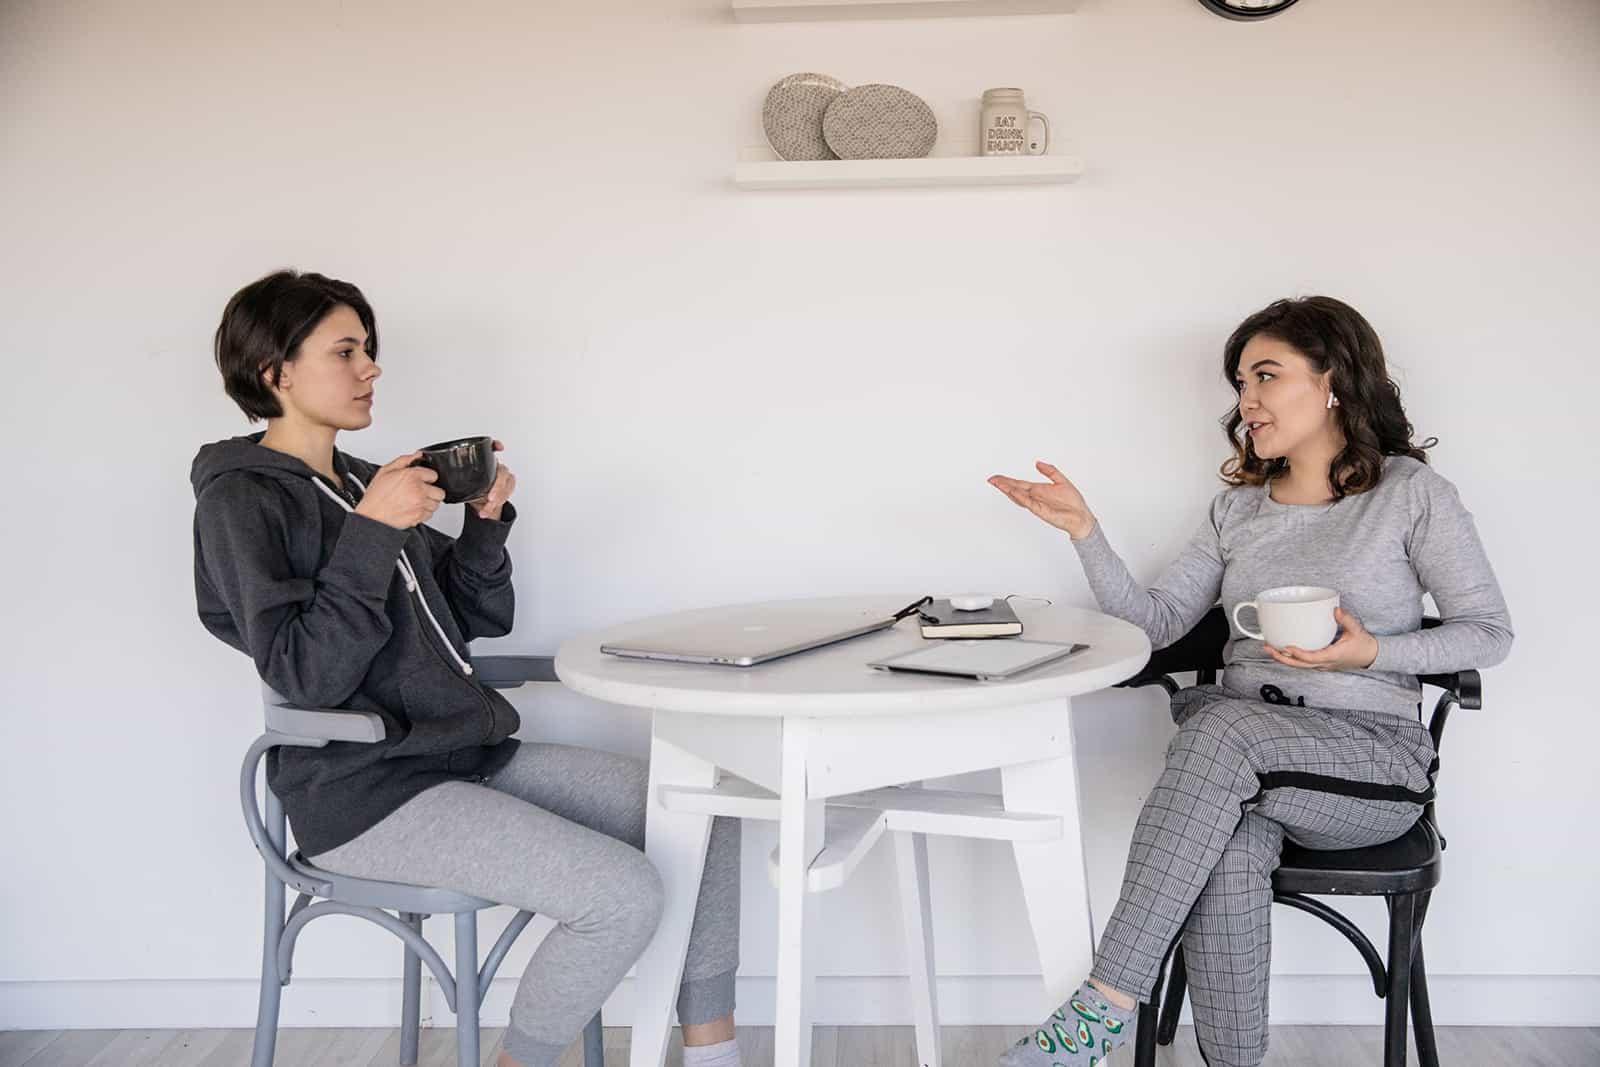 eine nachdenkliche Frau, die eine Freundin ansieht, die mit ihr spricht, während sie zusammen Kaffee trinkt